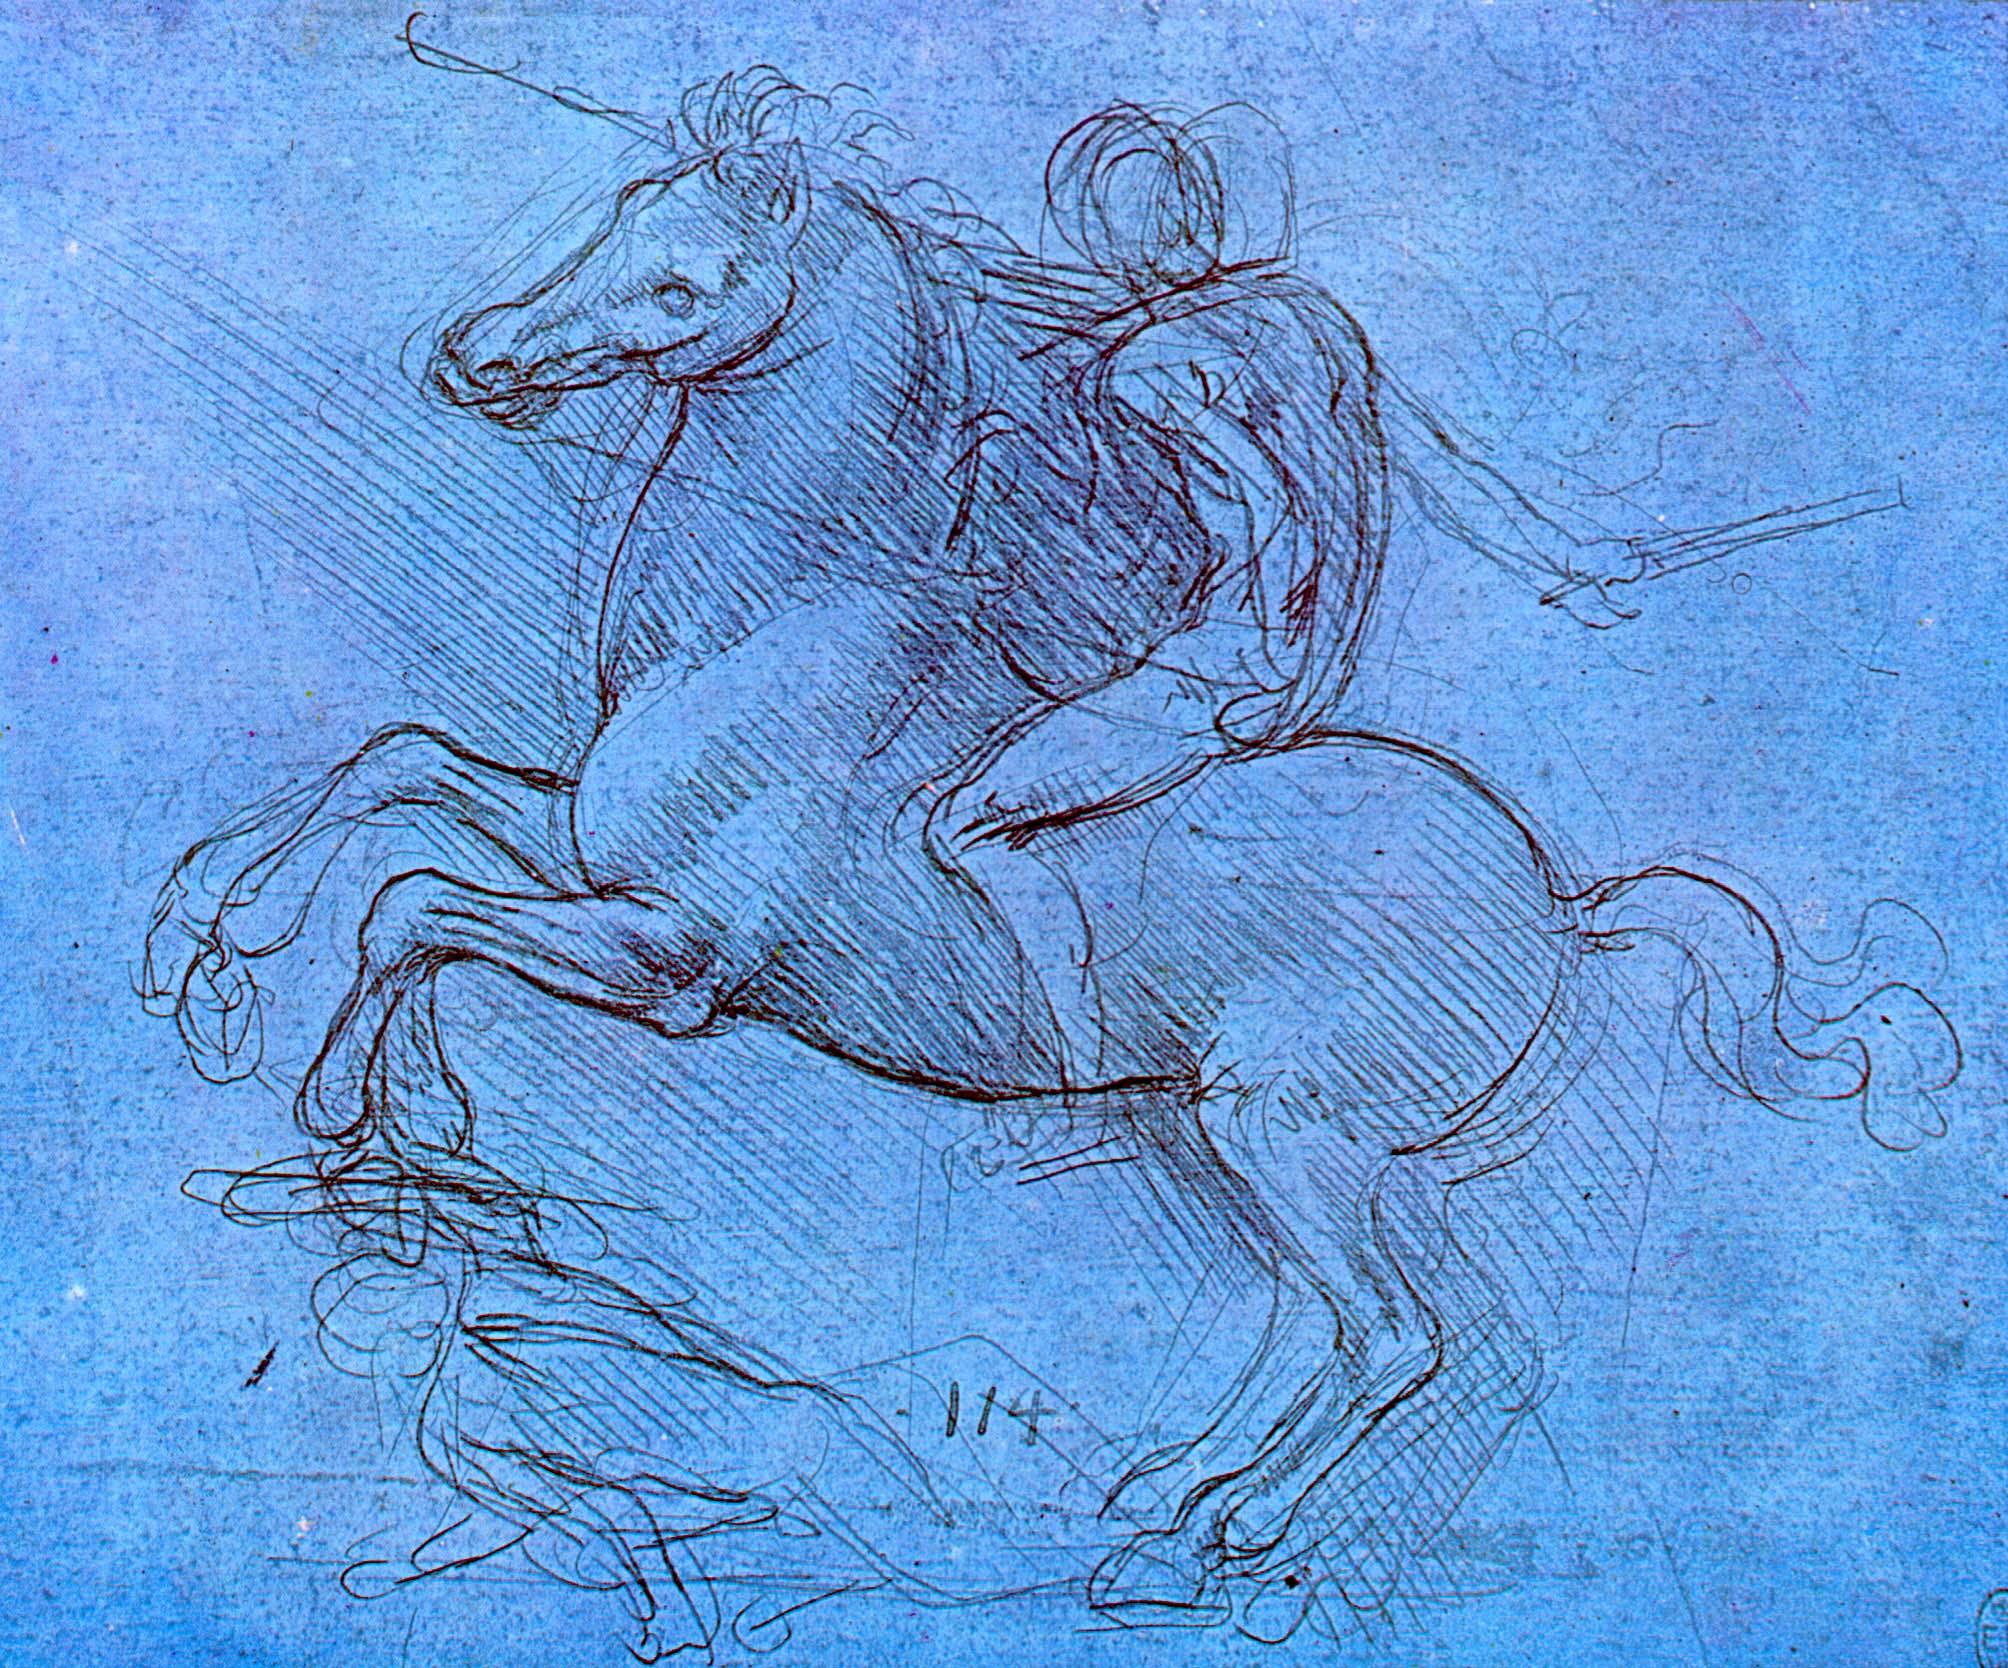 Леонардо да Винчи. Всадник, поднявший коня на дыбы и поверженный.